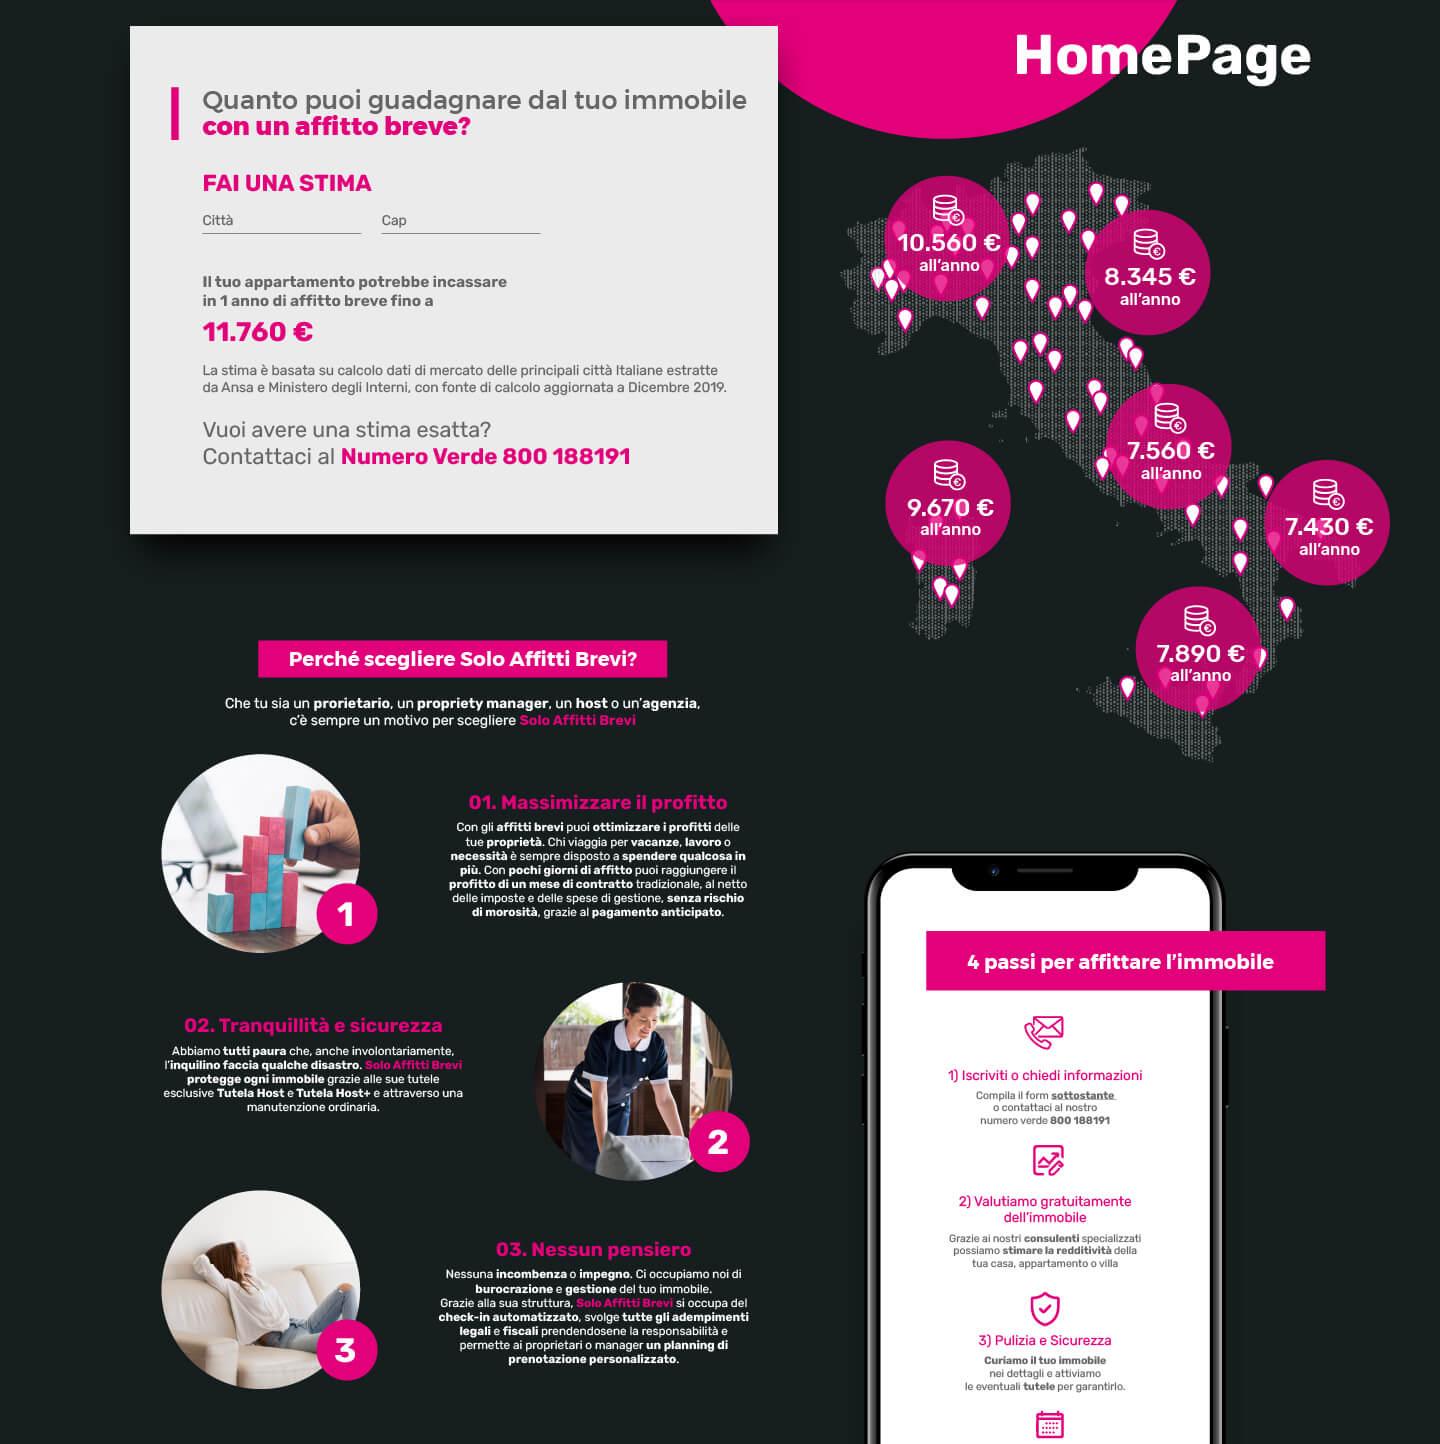 Sito web - Portfolio - Be Comunicazioni - Pubblicità e Marketing - SoloAffitti Brevi - slide 02